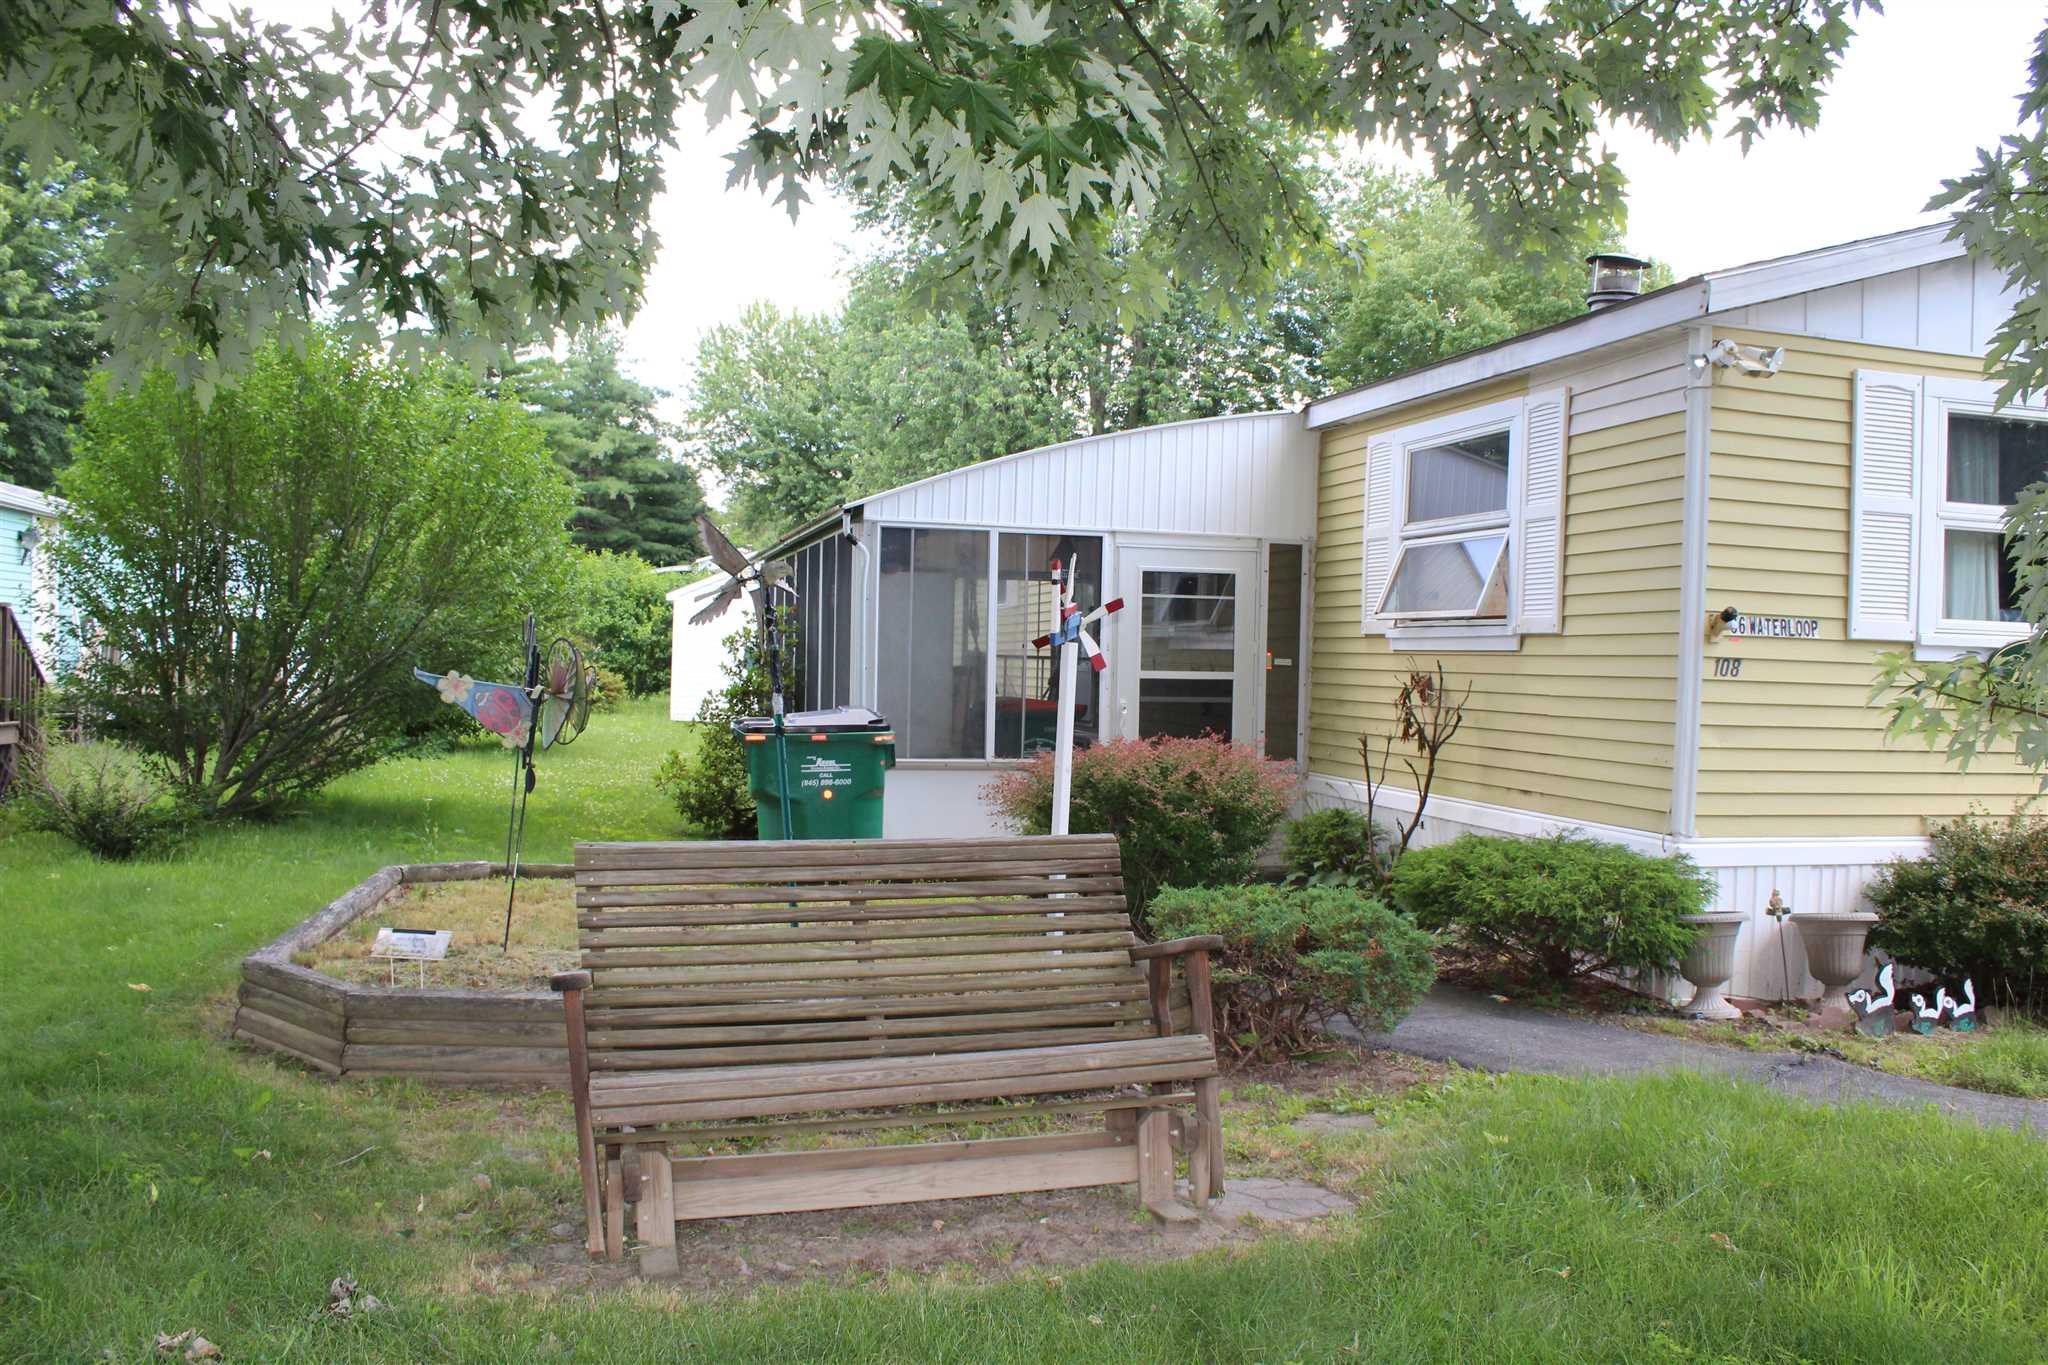 36 WATER LOOP, Pleasant Valley, NY 12569